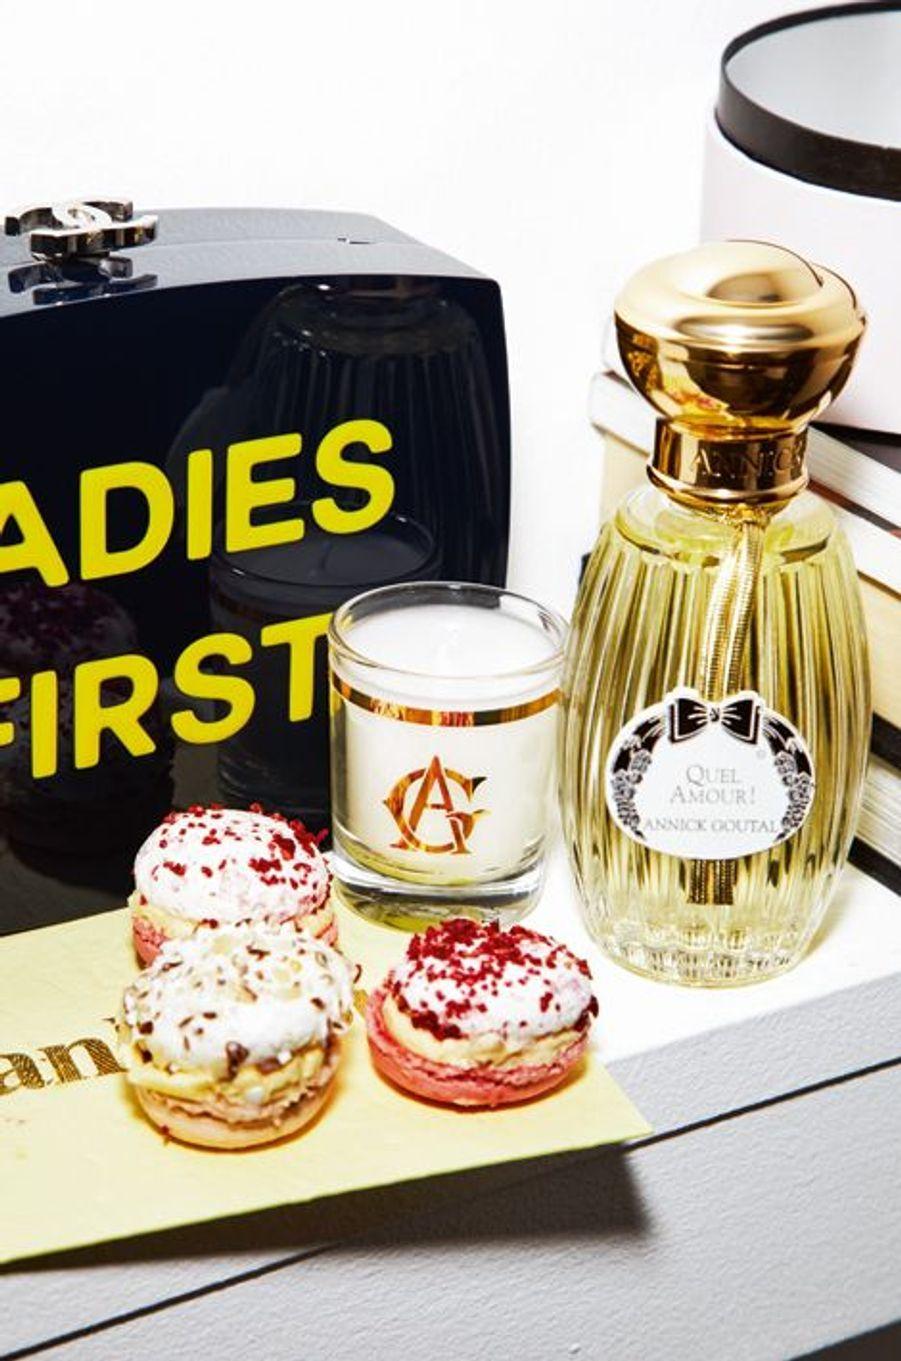 Rêvez d'un féminisme chic comme chez Chanel avec cette minaudière en Plexiglas, 6900 euros. Chanel, tél : 0800 255 005. Annick Goutal associe ses créations olfactives avec les délices des Fées pâtissières. Coffret de 4 macaringues rose-frambroise et rose-hibiscus offert pour l'achat d'un parfum Quel Amour ! Eau de parfum, vaporisateur 100 ml, 127 €.